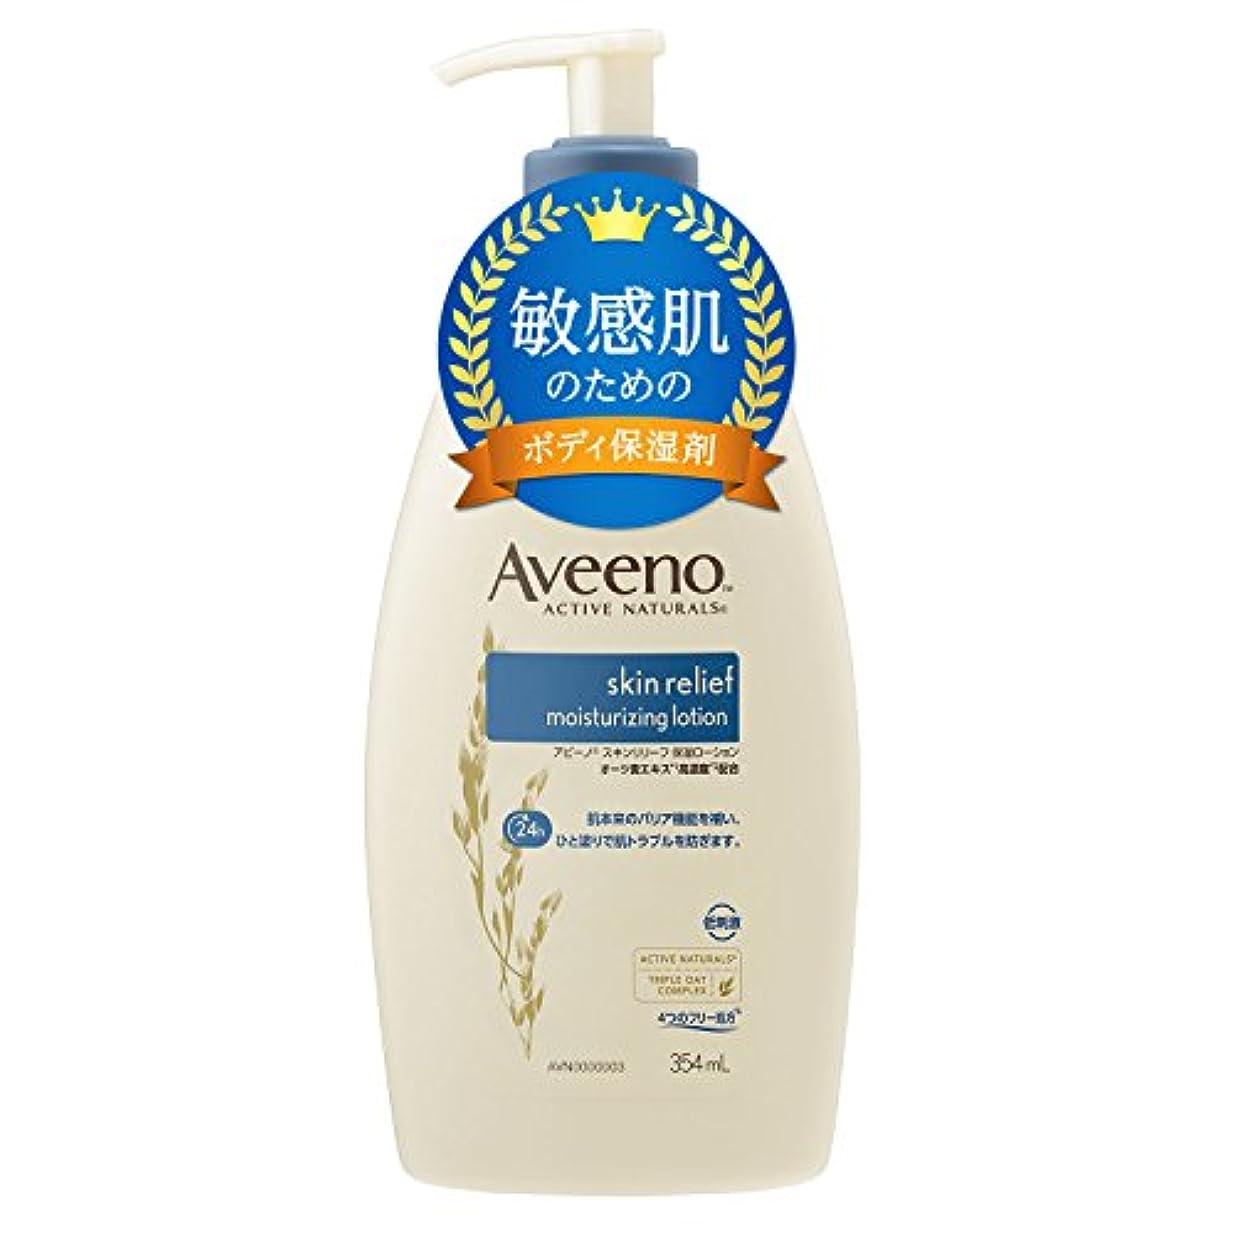 泣いているナット拍車【Amazon.co.jp限定】Aveeno(アビーノ) スキンリリーフ 保湿ローション 354ml 【極度の乾燥肌、敏感肌の方向け】